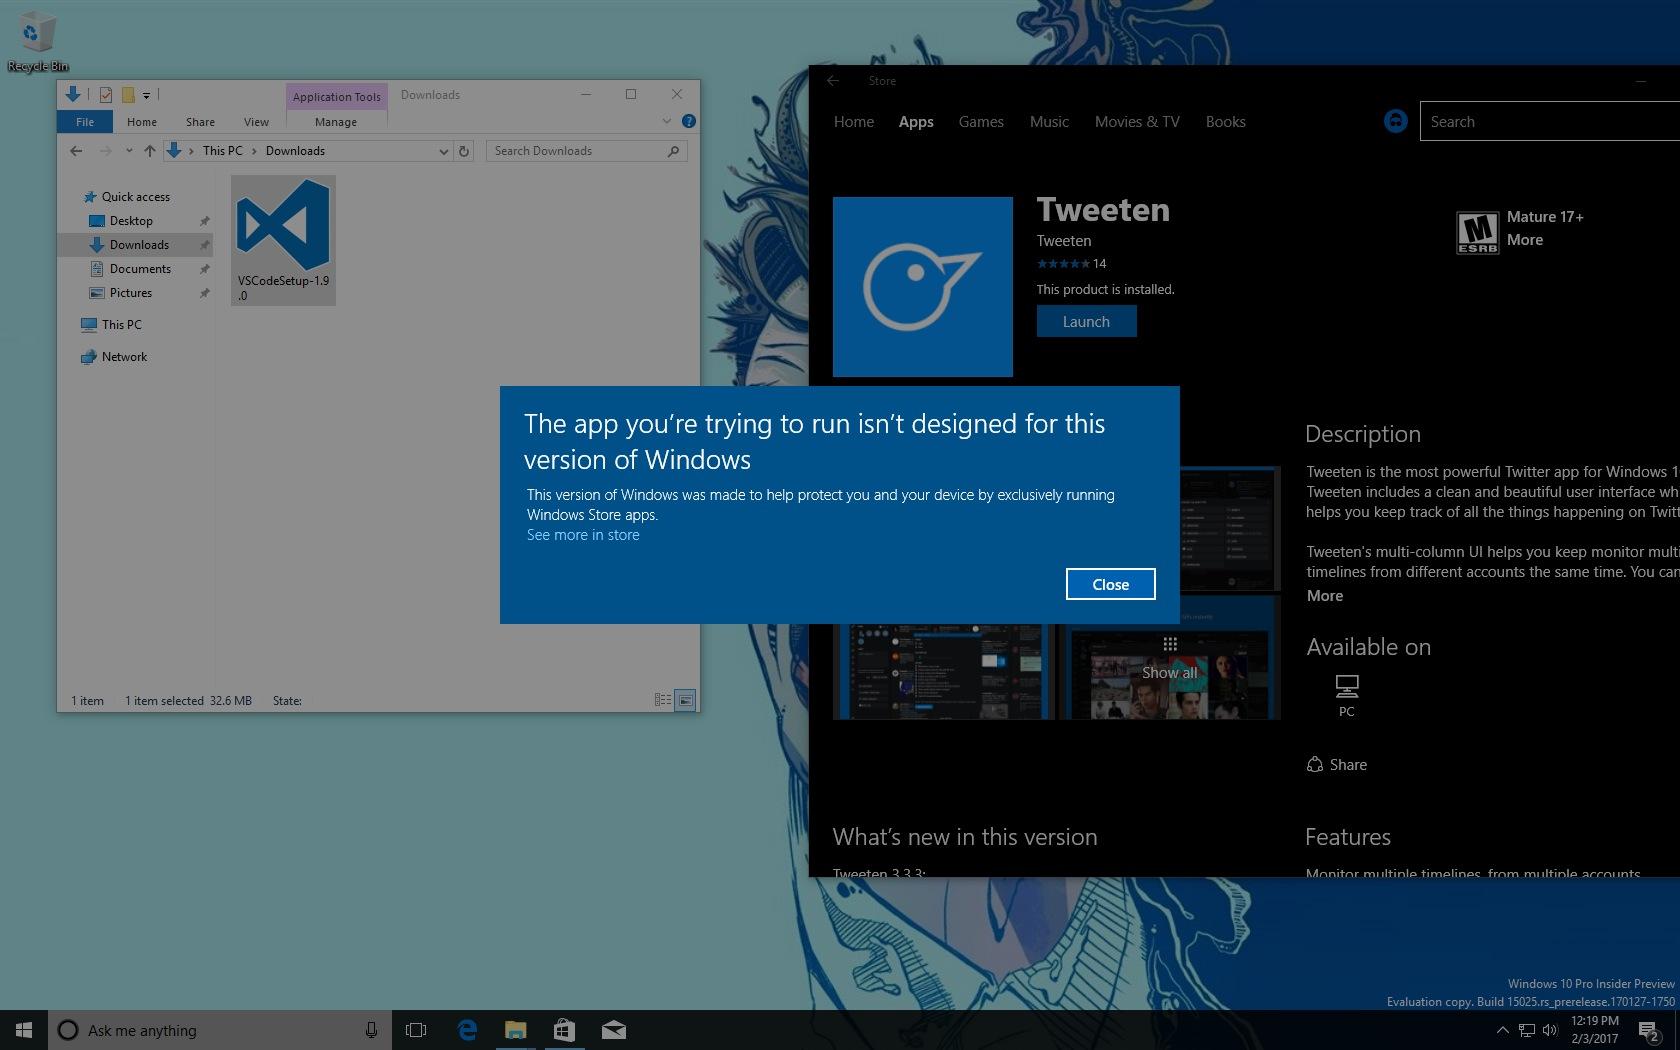 Windows 10 Cloud будет поддерживать обновление доPro